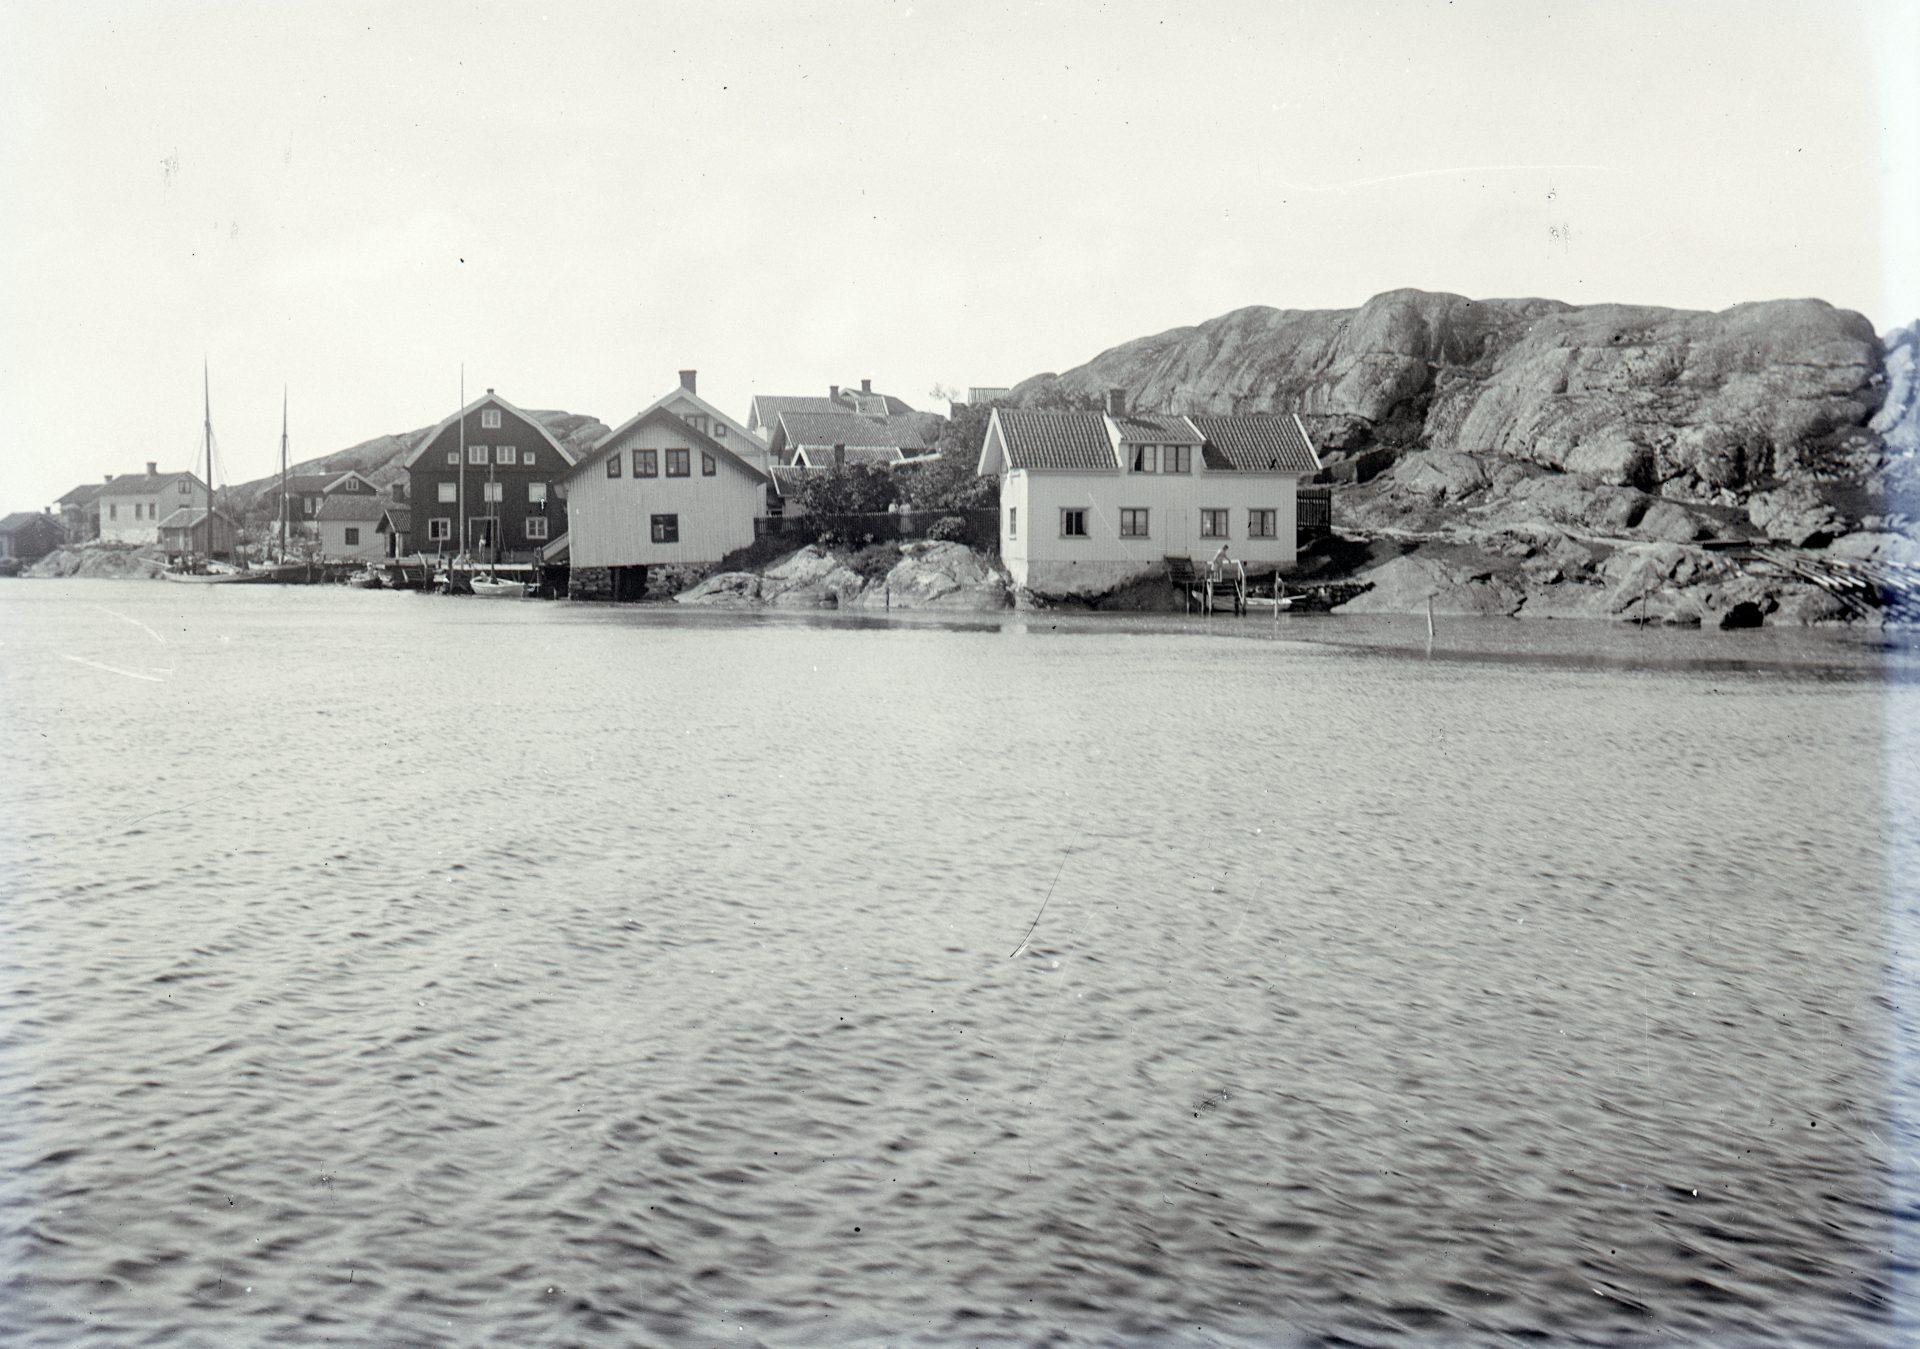 Svartvitt fotografi. I förgrunden vatten. I bakgrunden flera hus på en bergig ö.